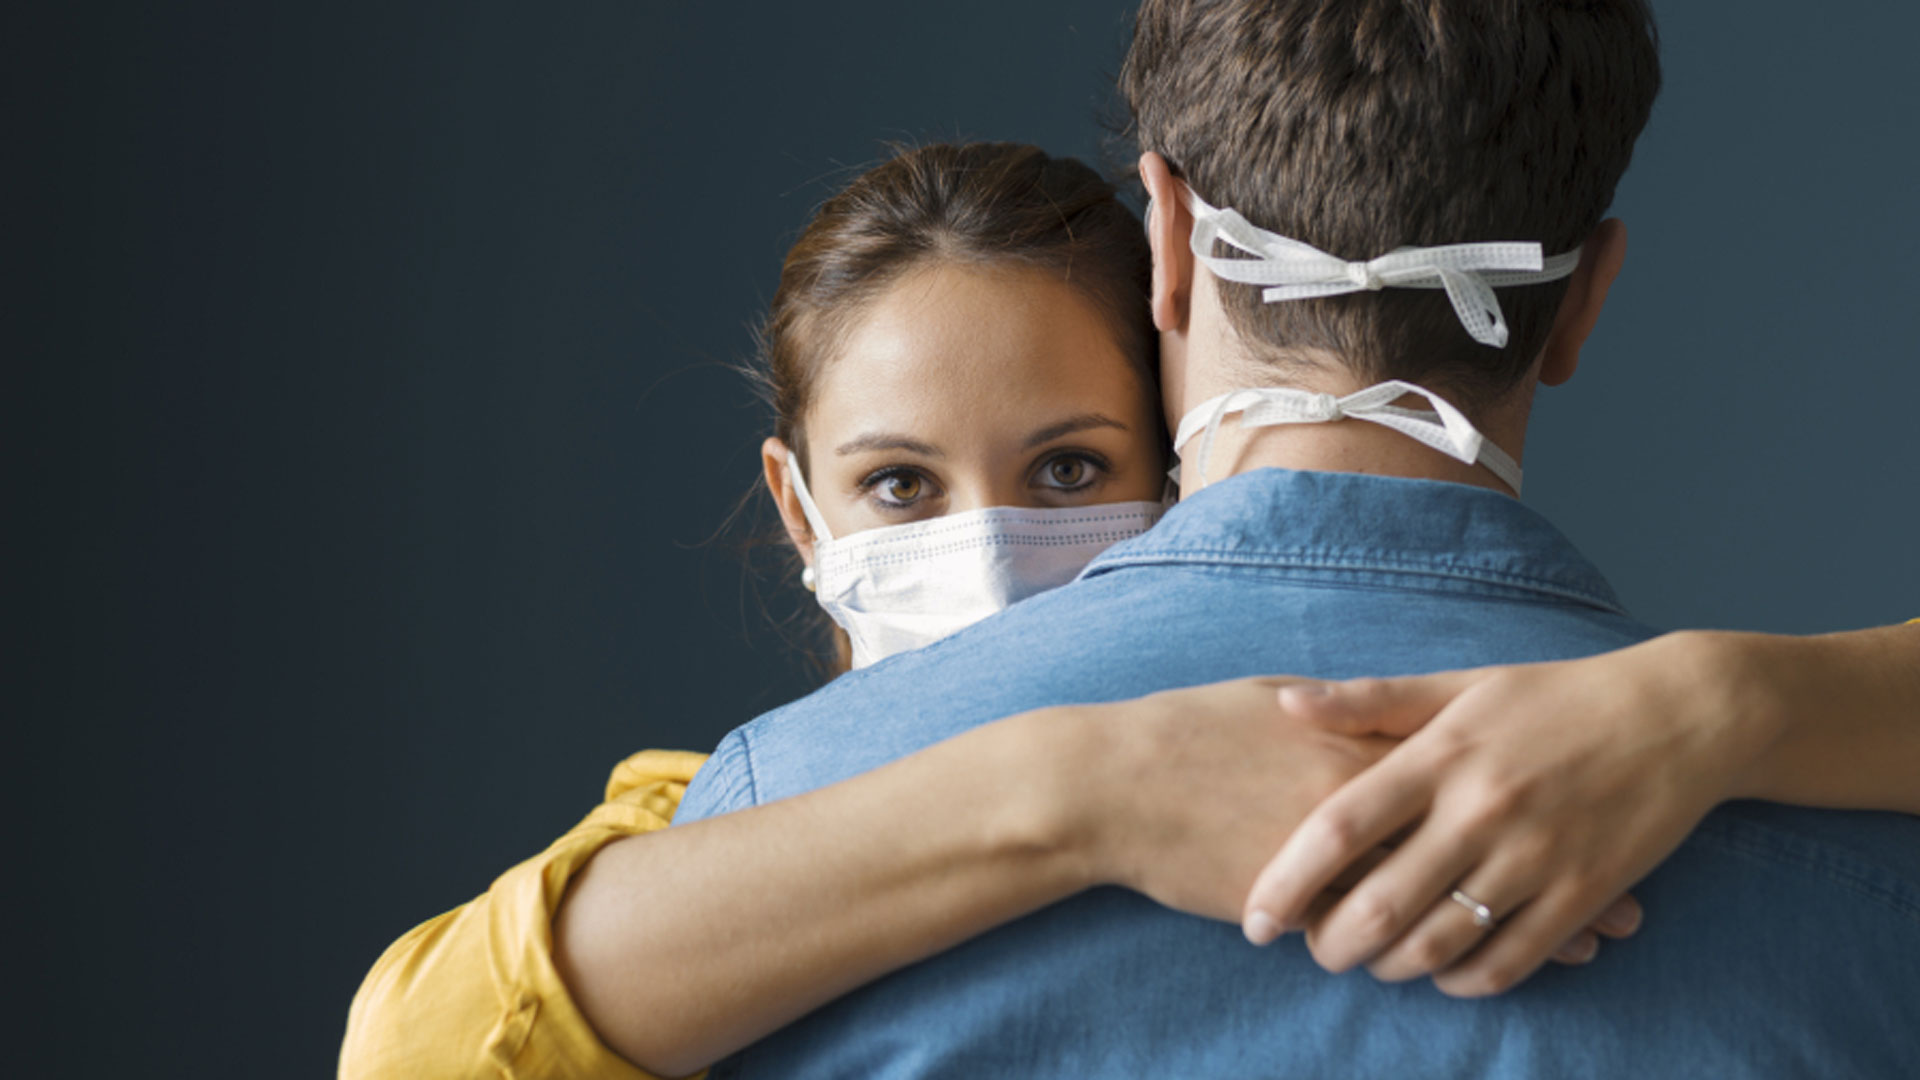 Estudio asegura que durante la pandemia el deseo sexual disminuyó 18%